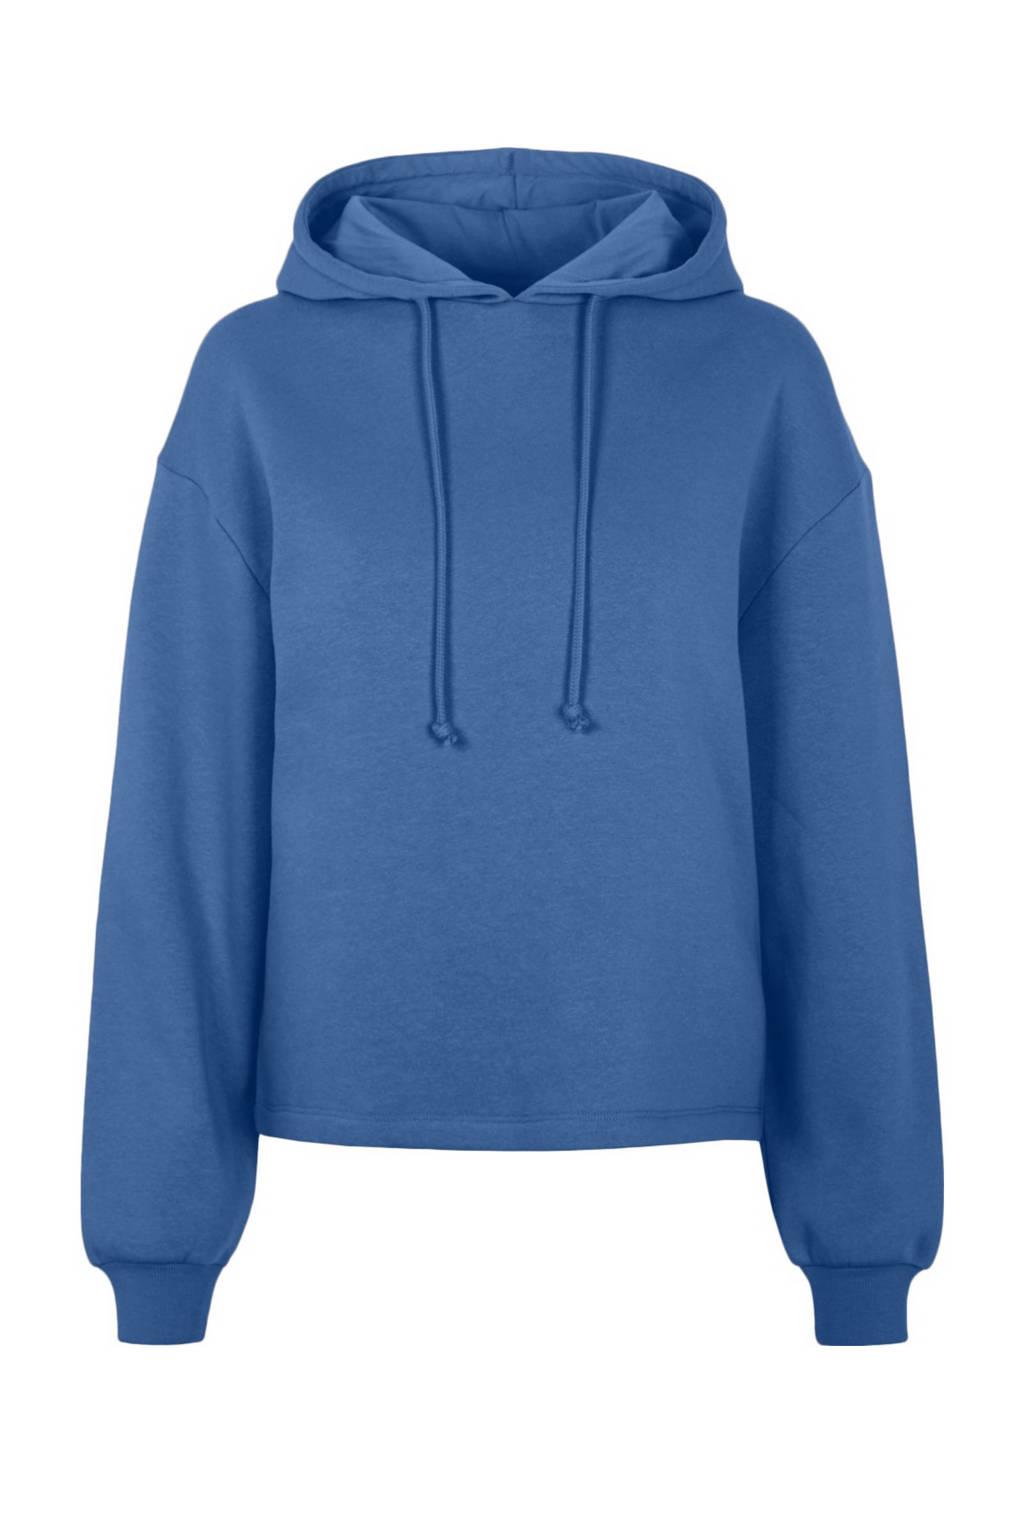 PIECES hoodie Chilli met capuchon blauw, Blauw